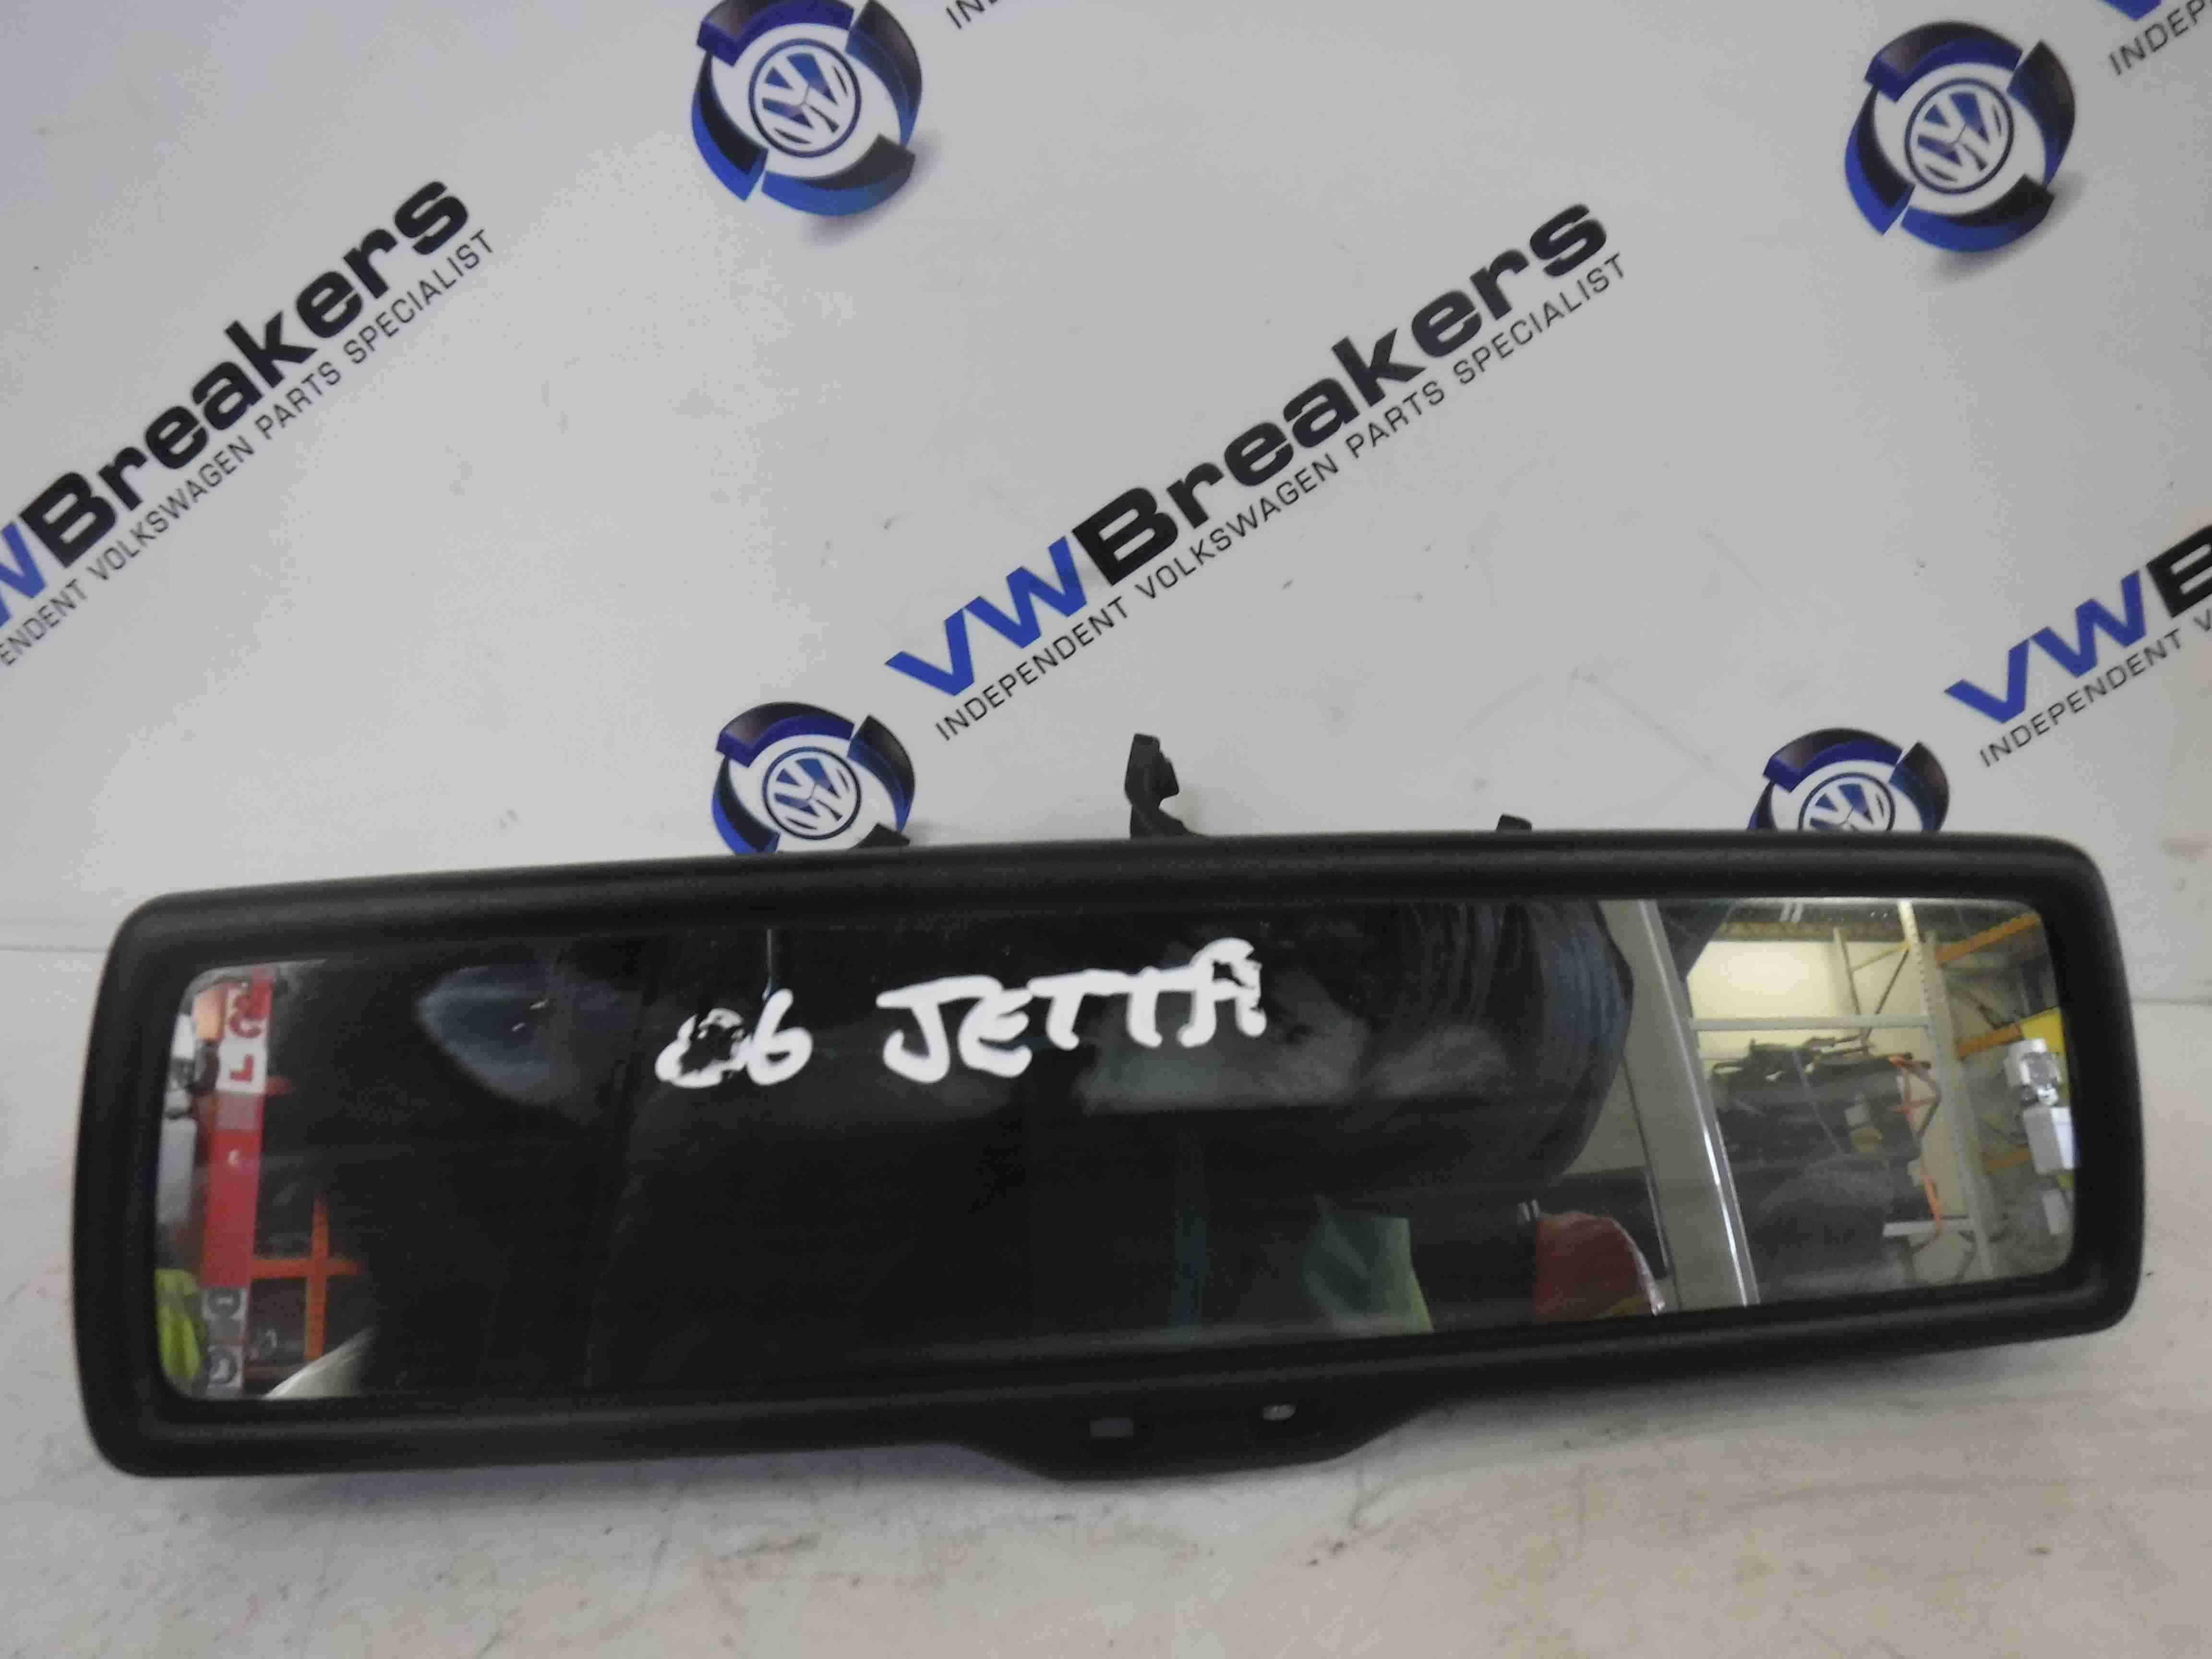 Volkswagen Jetta A5 2005-2011 Rear View Mirror Black